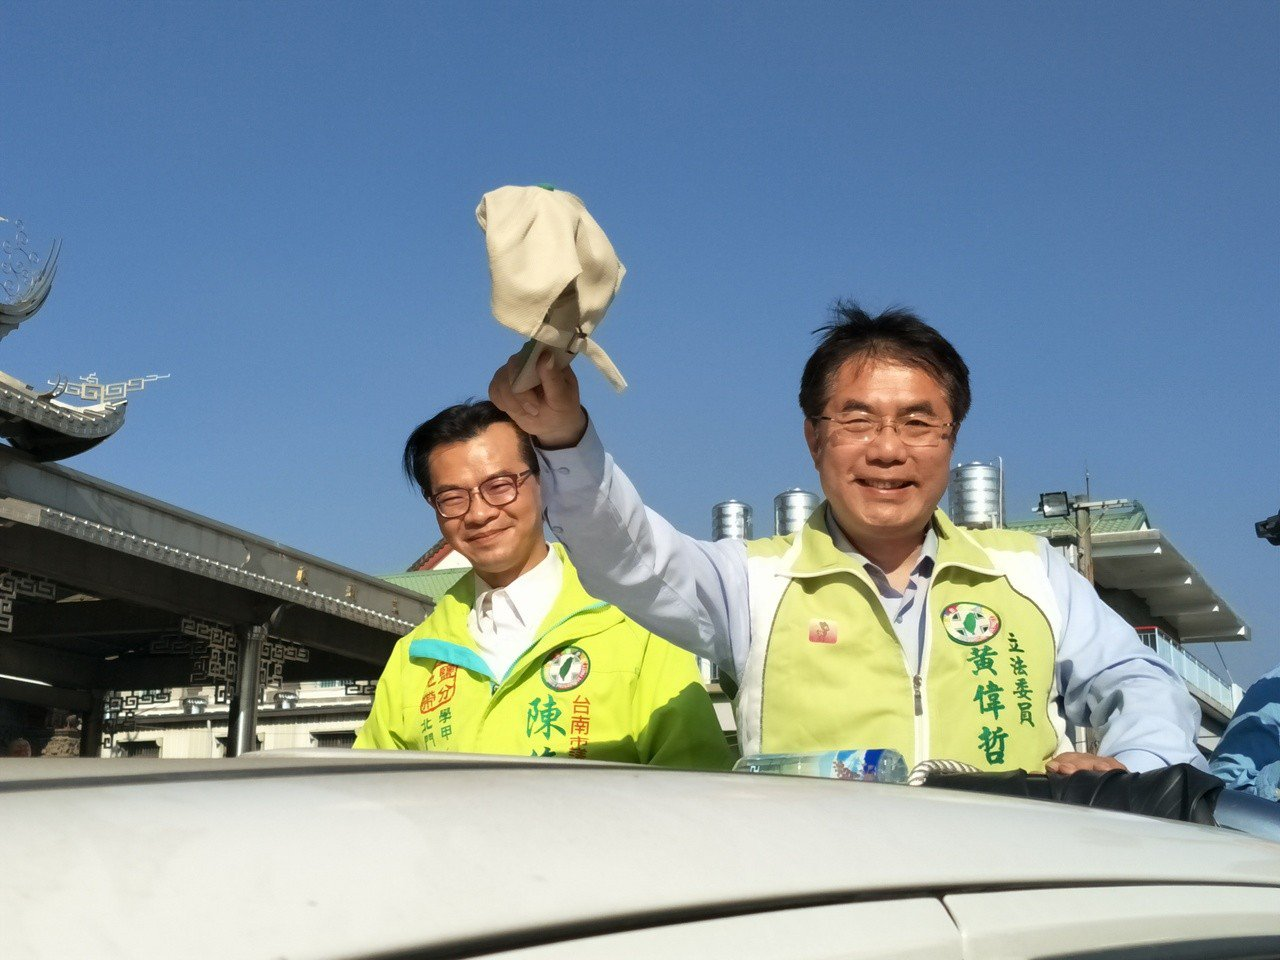 黃偉哲下午謝票從西港區出發。記者謝進盛╱攝影